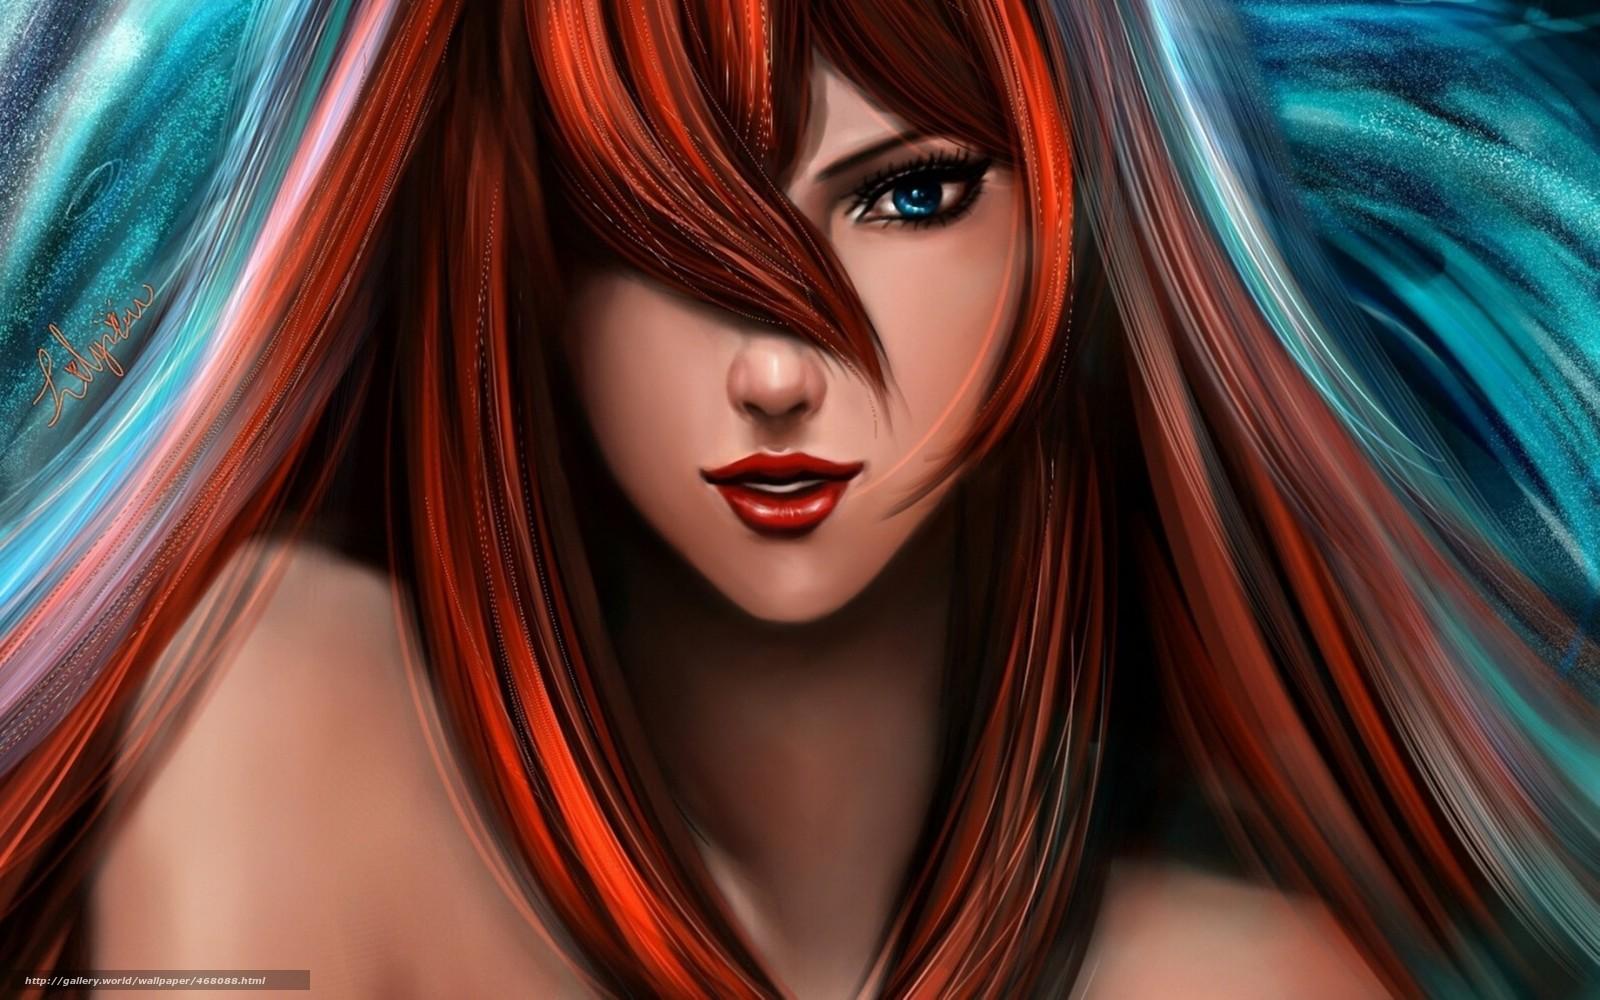 Картинка волосы для фотошопа - dfd